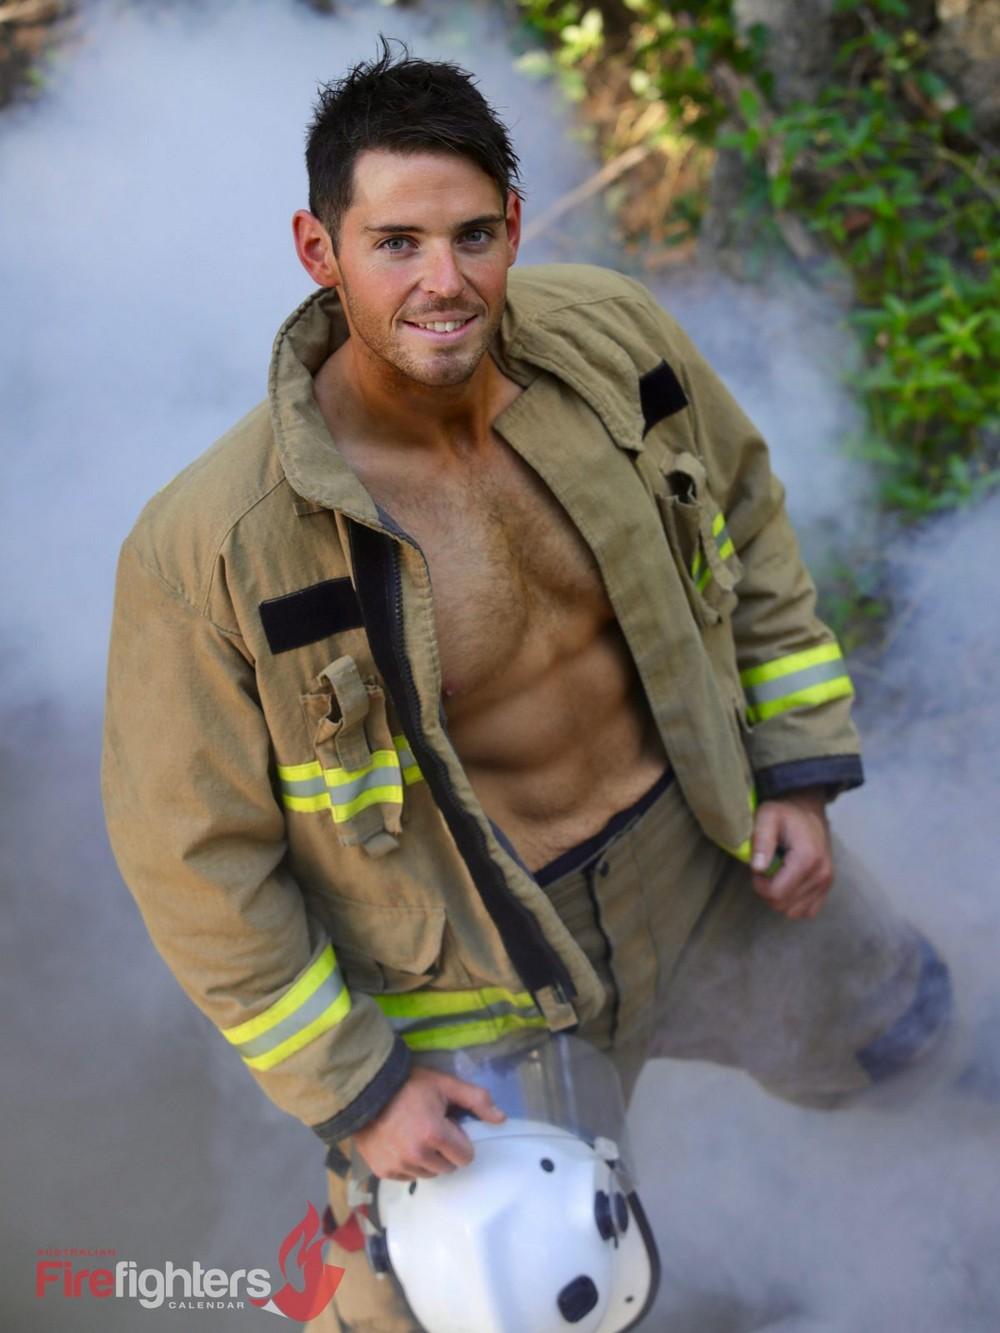 Благотворительный календарь с австралийскими пожарными